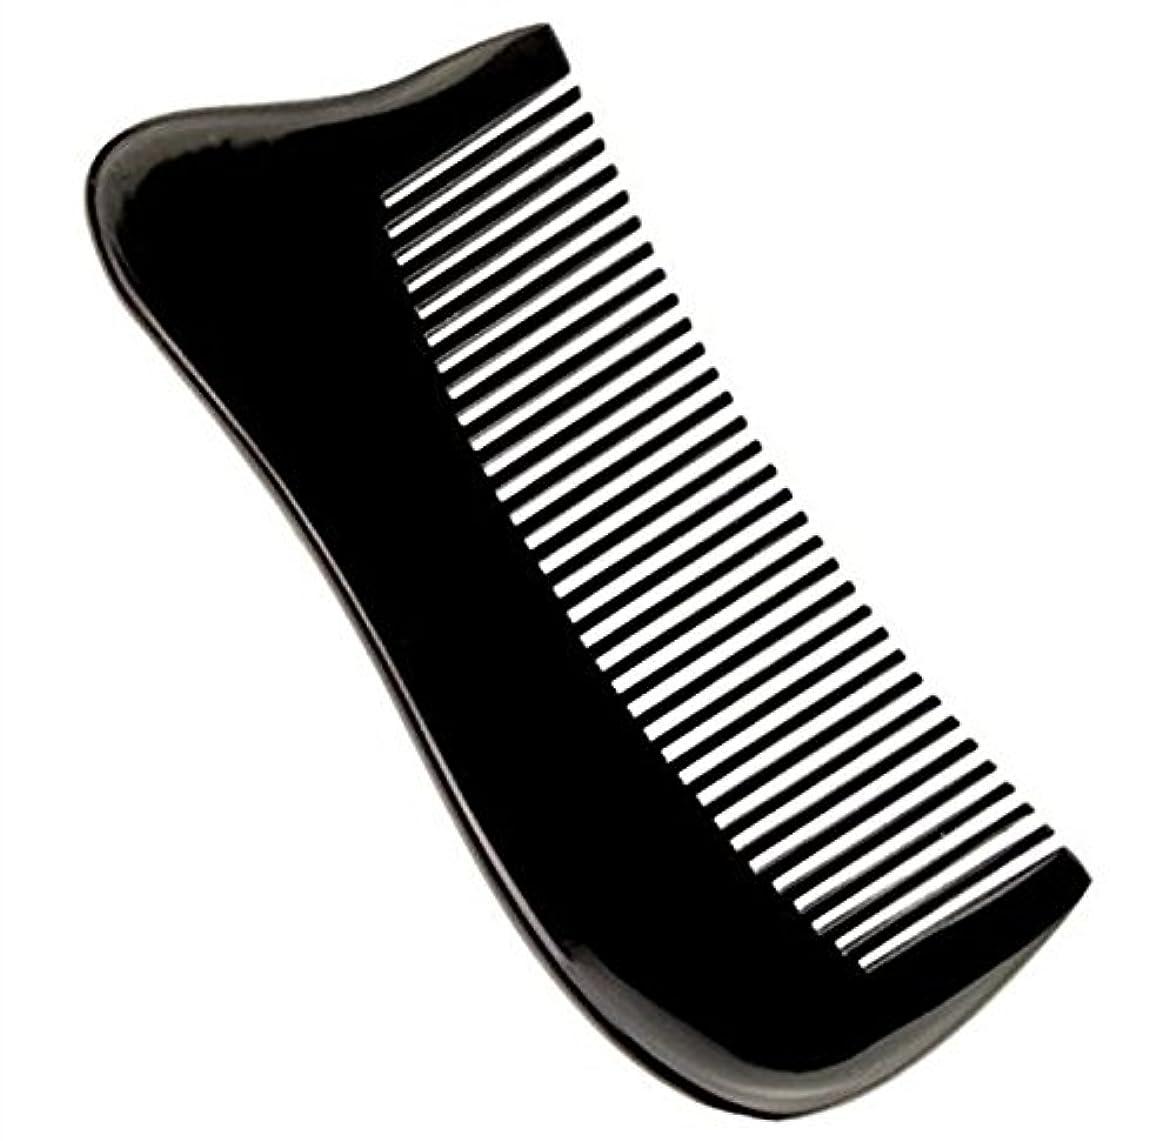 操作可能アナリスト事故櫛型 プロも使う牛角かっさプレート マサージ用 血行改善 高級 天然 静電気防止 美髪 美顔 ボディ リンパマッサージ